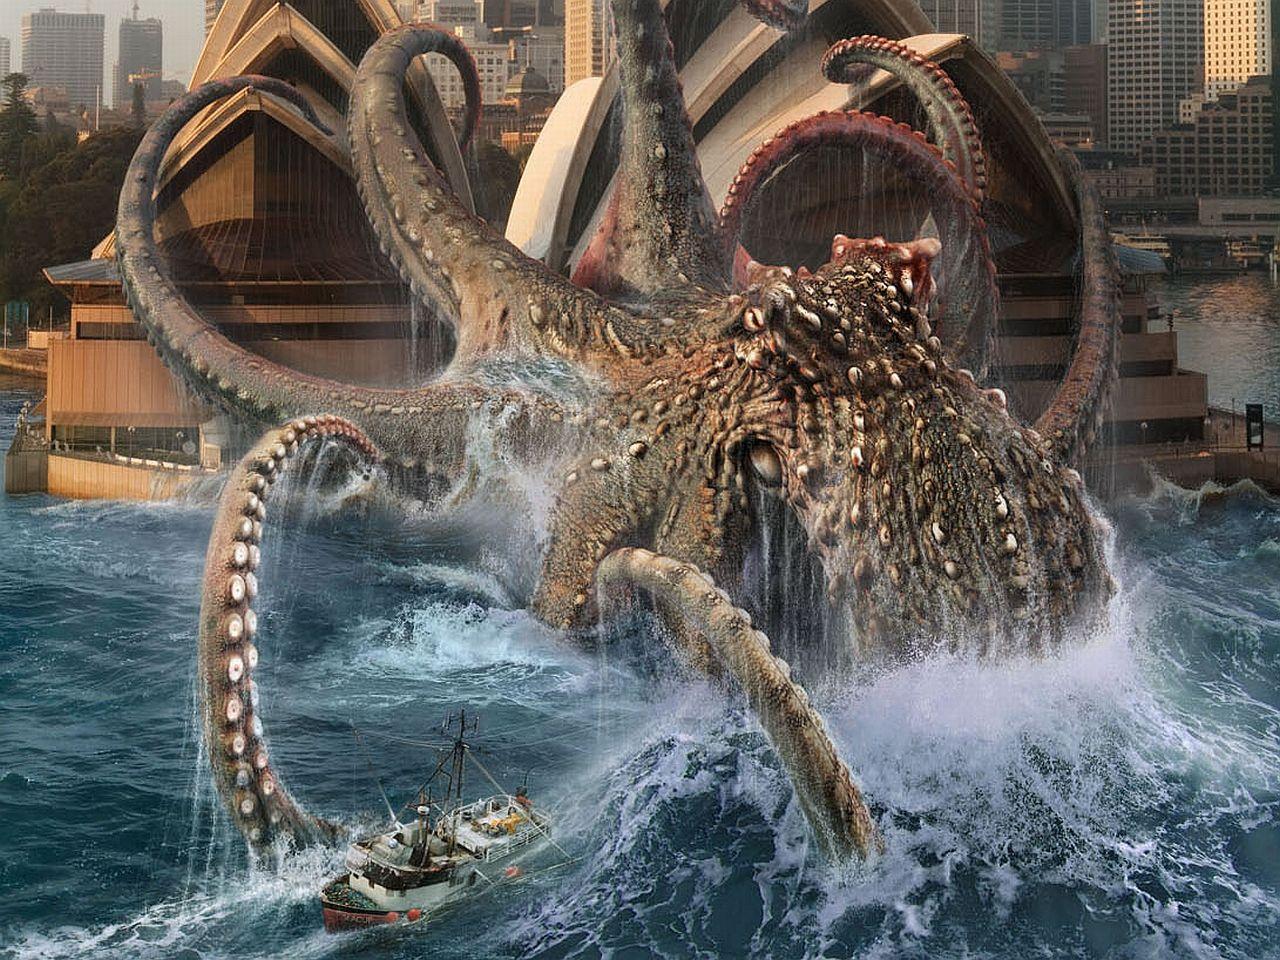 Kraken Computer Wallpapers Desktop Backgrounds 1280x960 Id 183321 Kraken Sea Monsters Kraken Monster